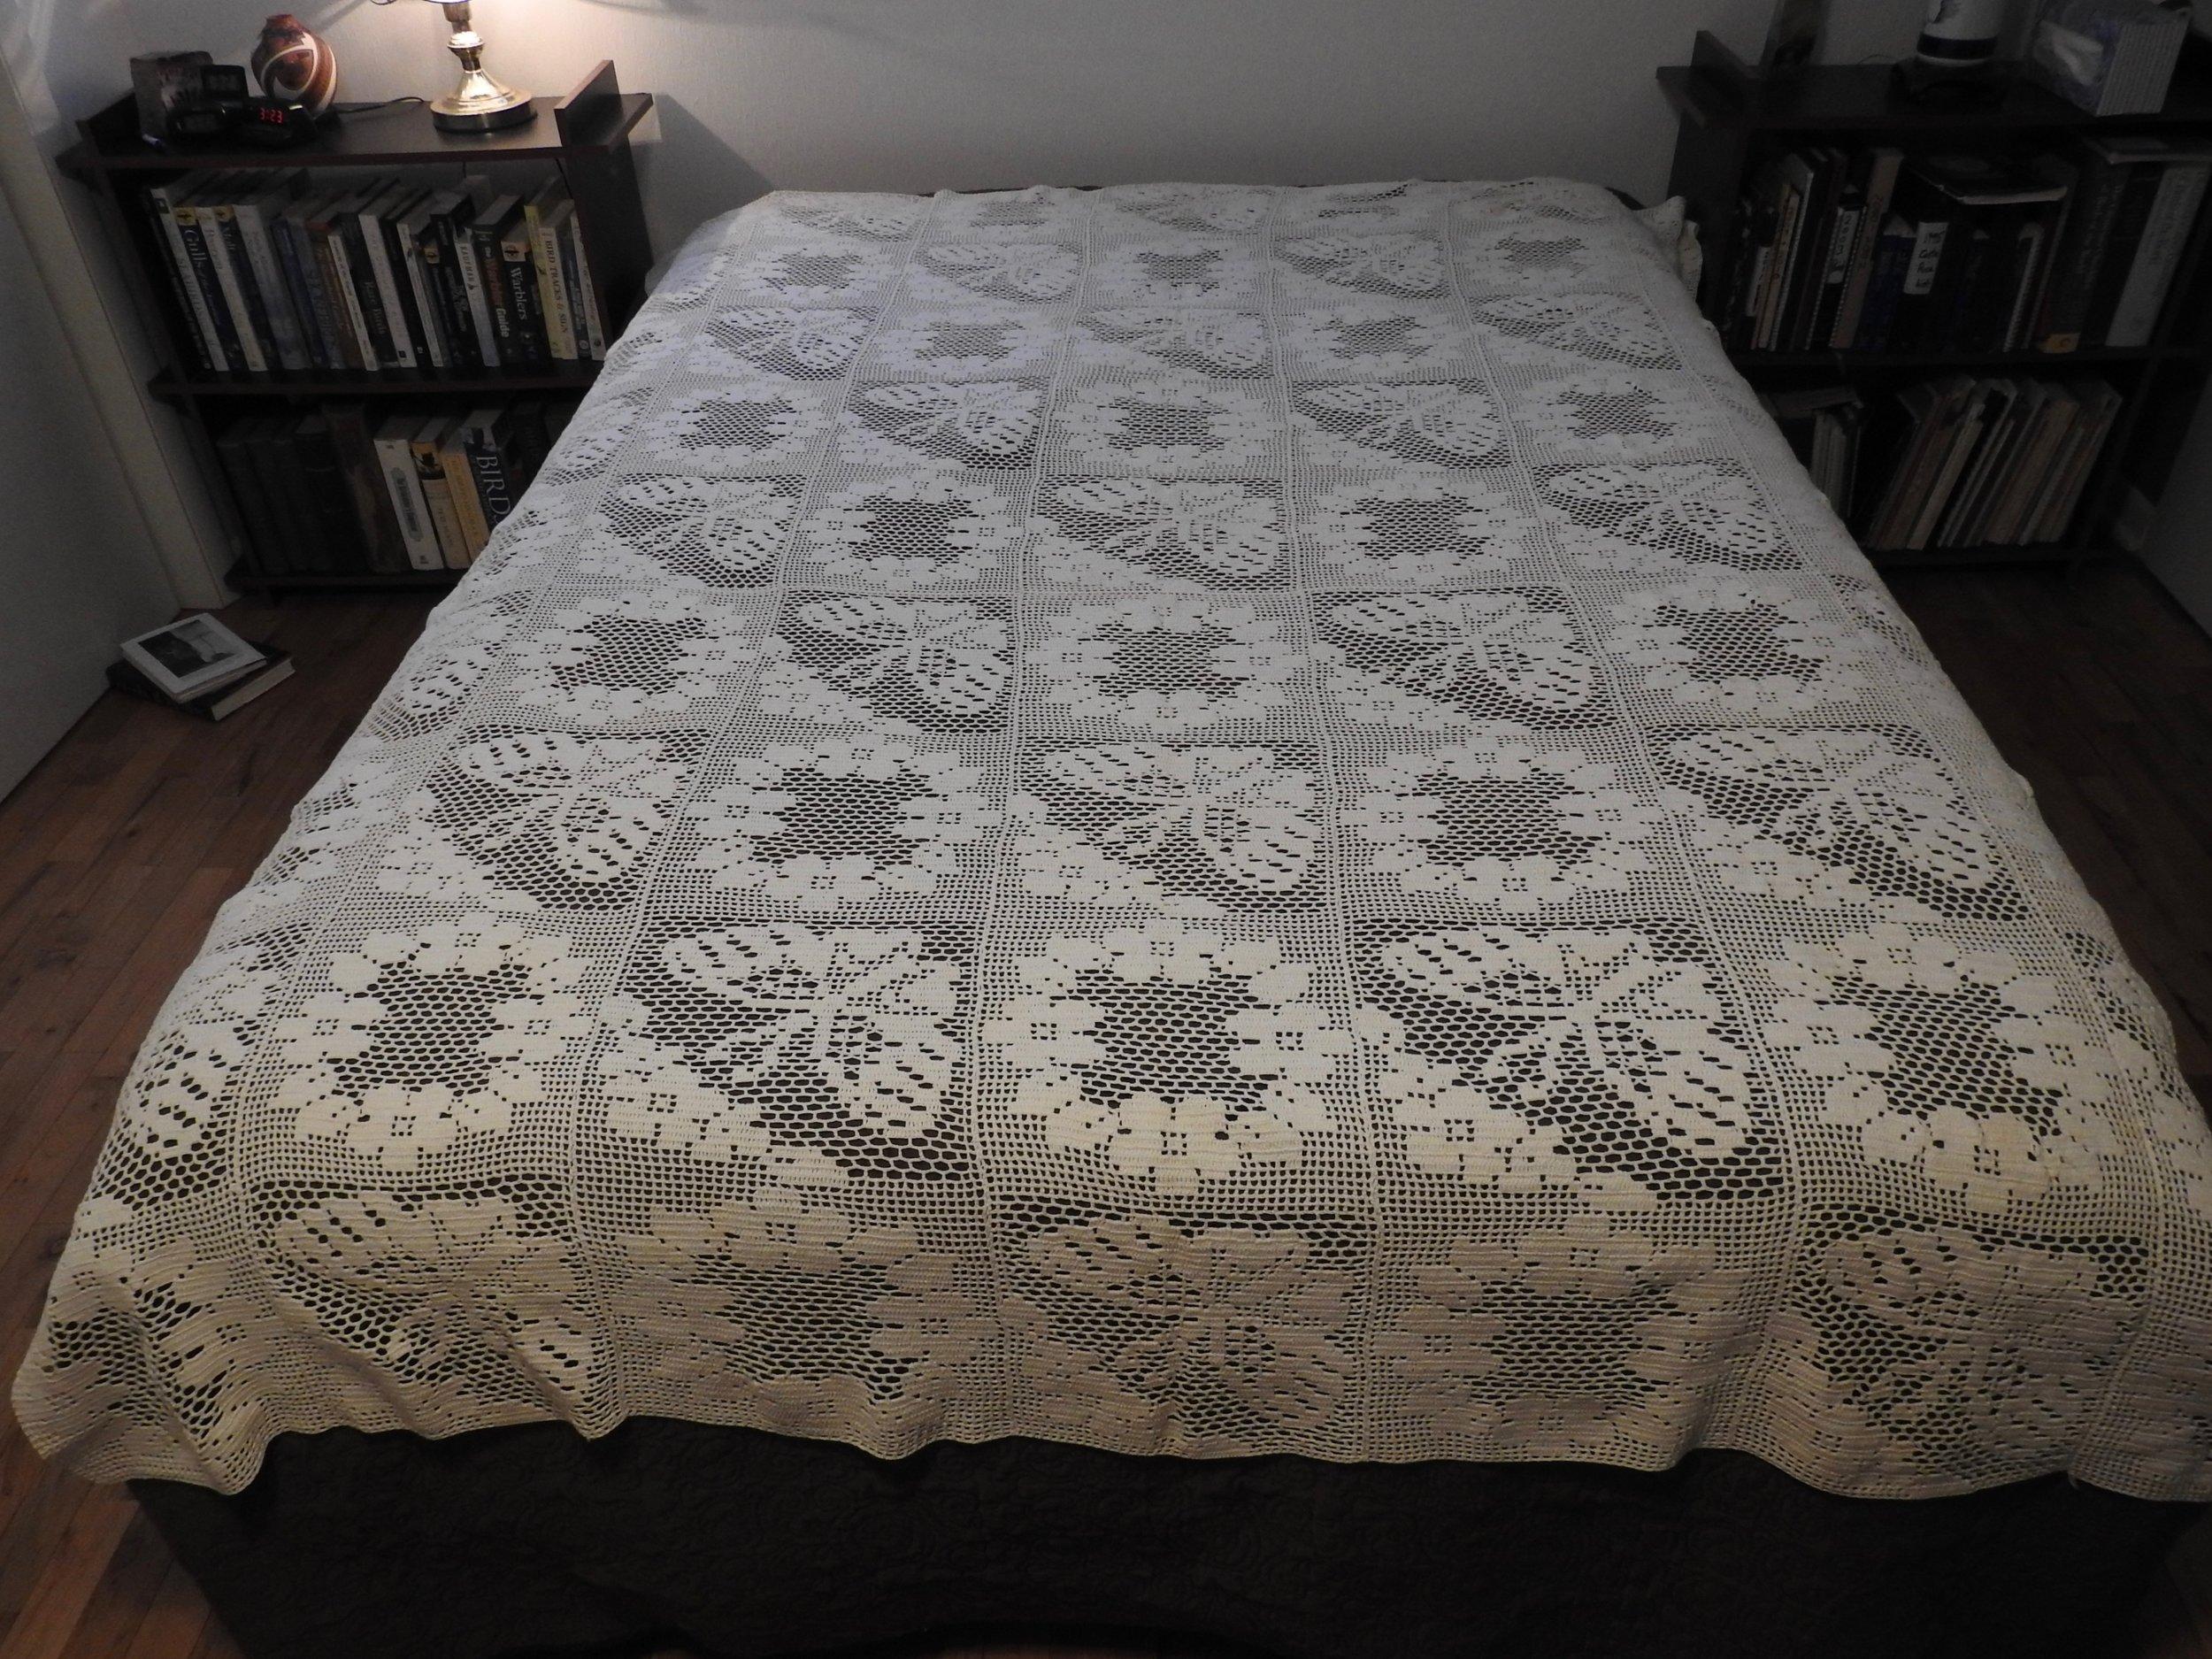 Crocheted Bedspread, Crocheted by Karen Moss, donated by Wayne & Karen Moss, 70 x 87.